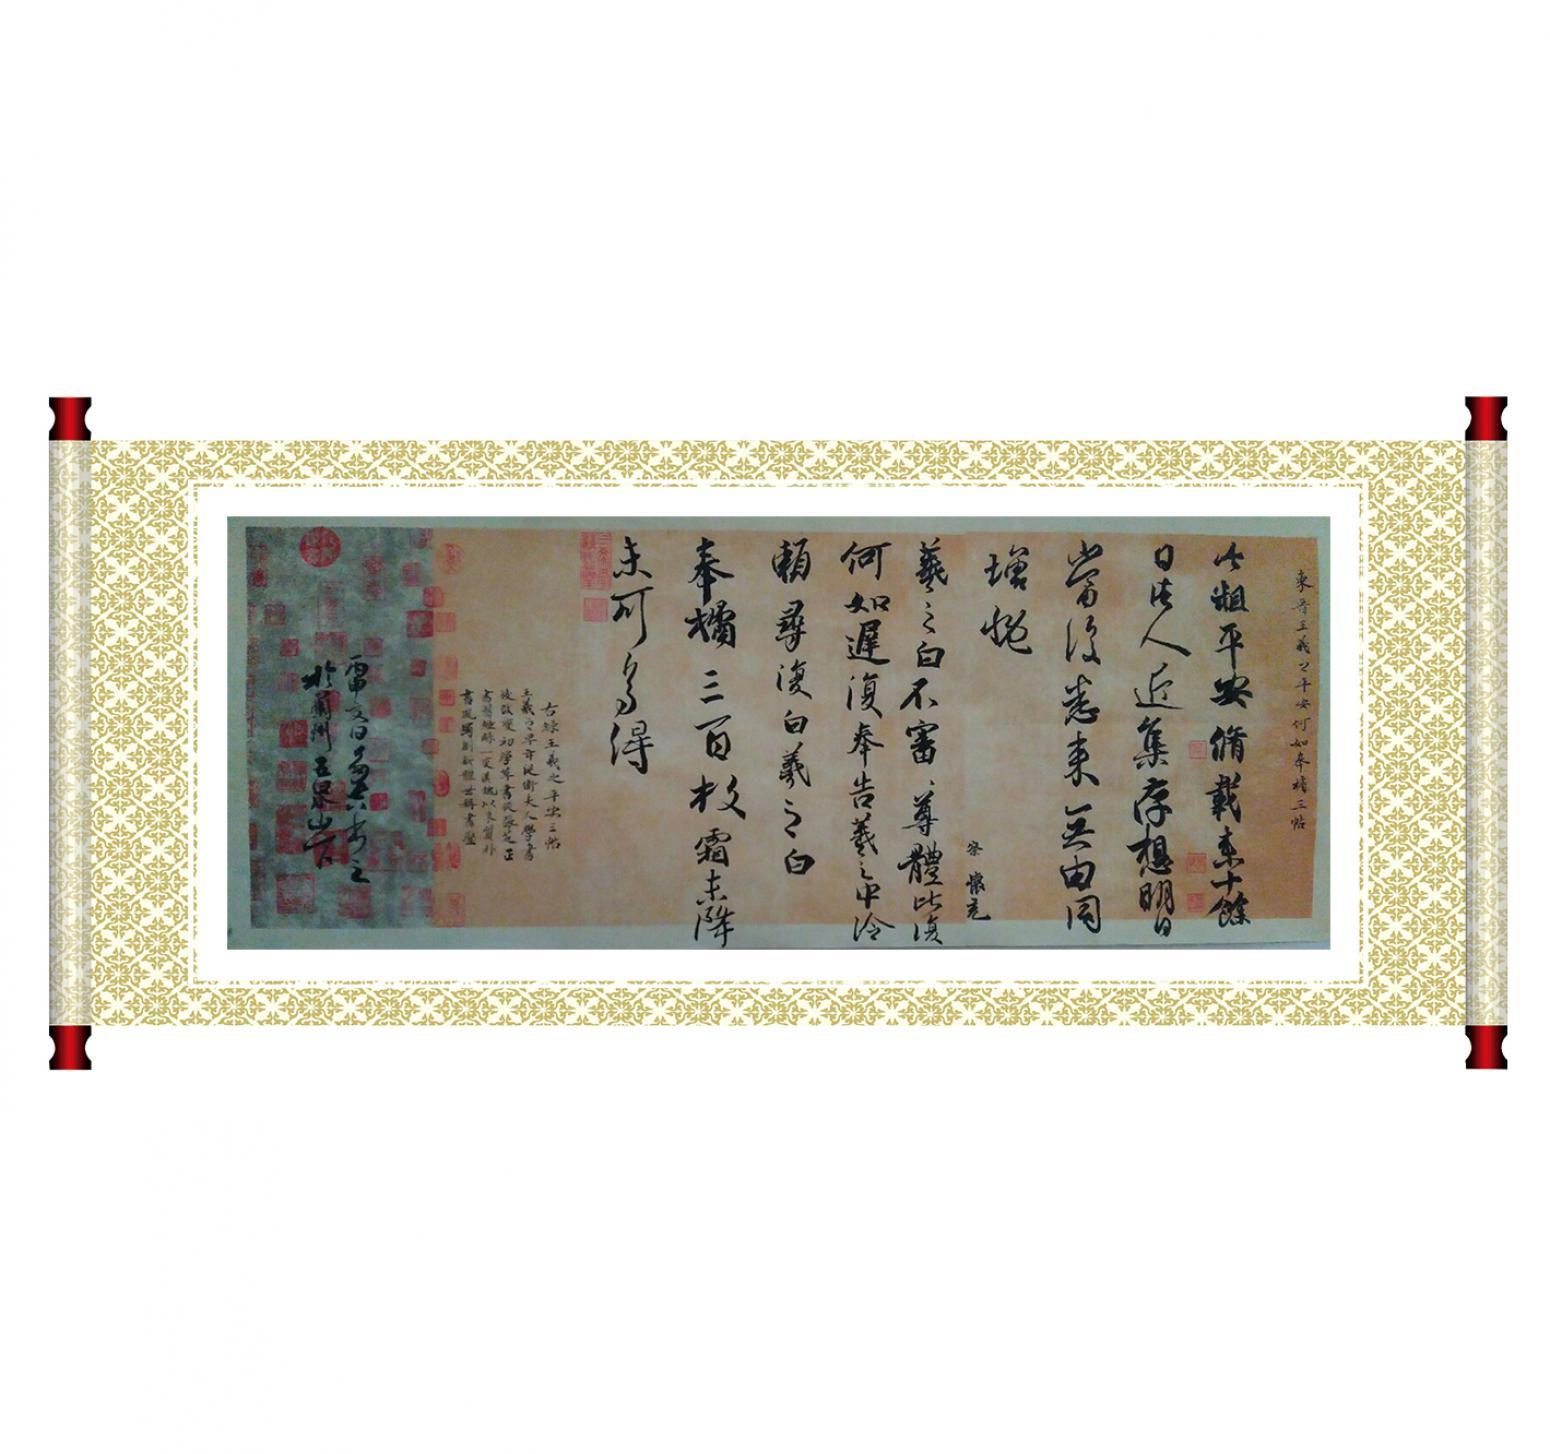 王多吉书法作品《【临王羲之手札之平安贴】作者王多吉》【图1】